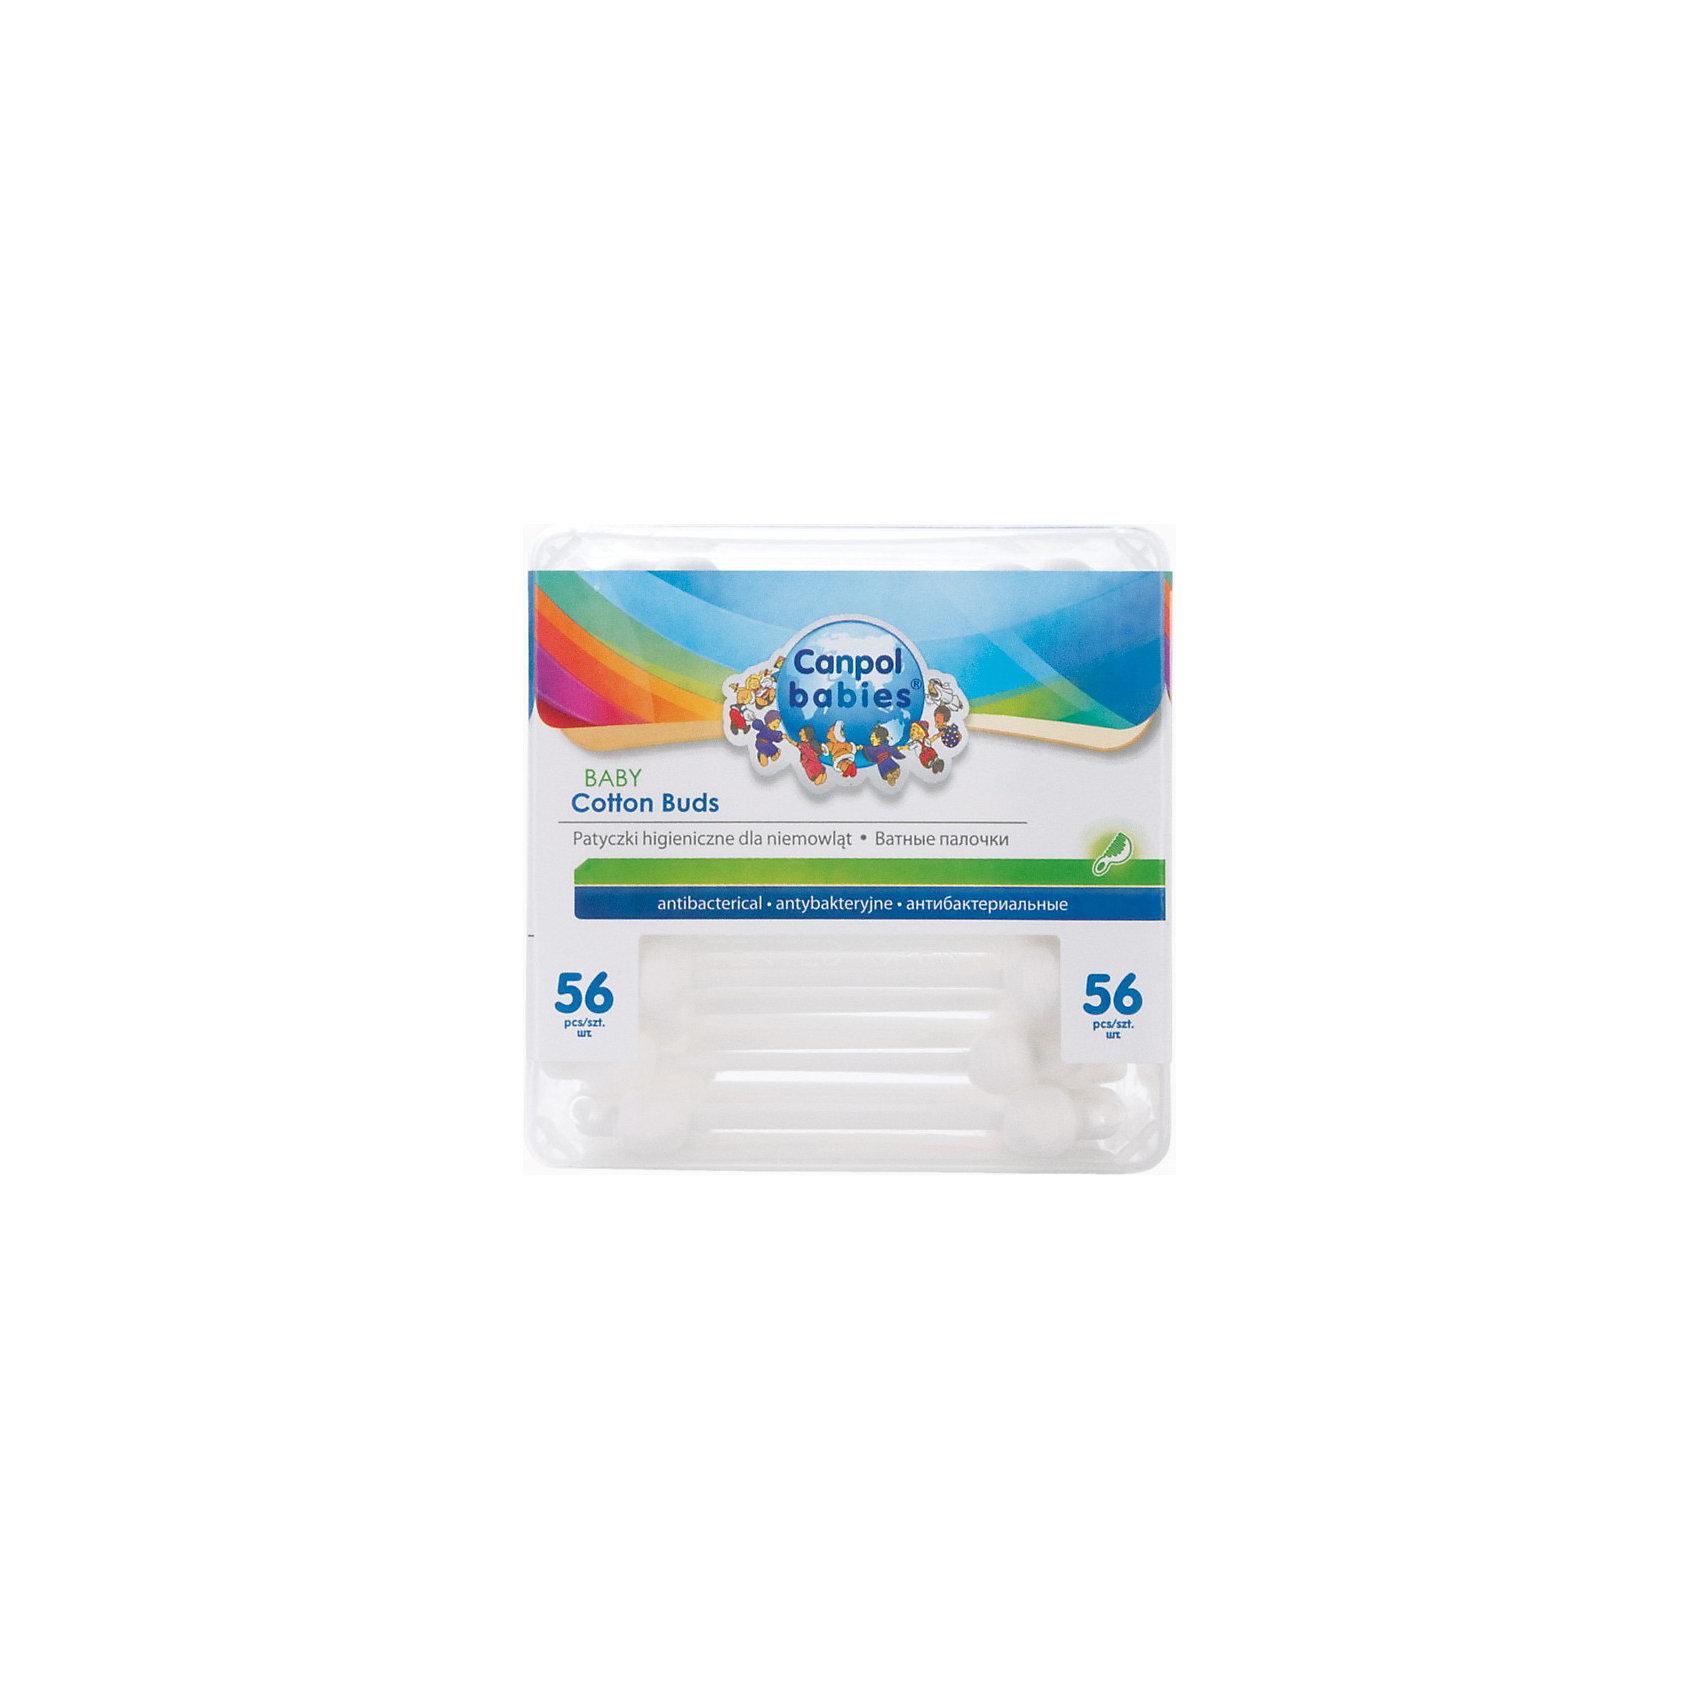 Гигиенические ватные палочки в упаковке, Canpol Babies, 56шт.